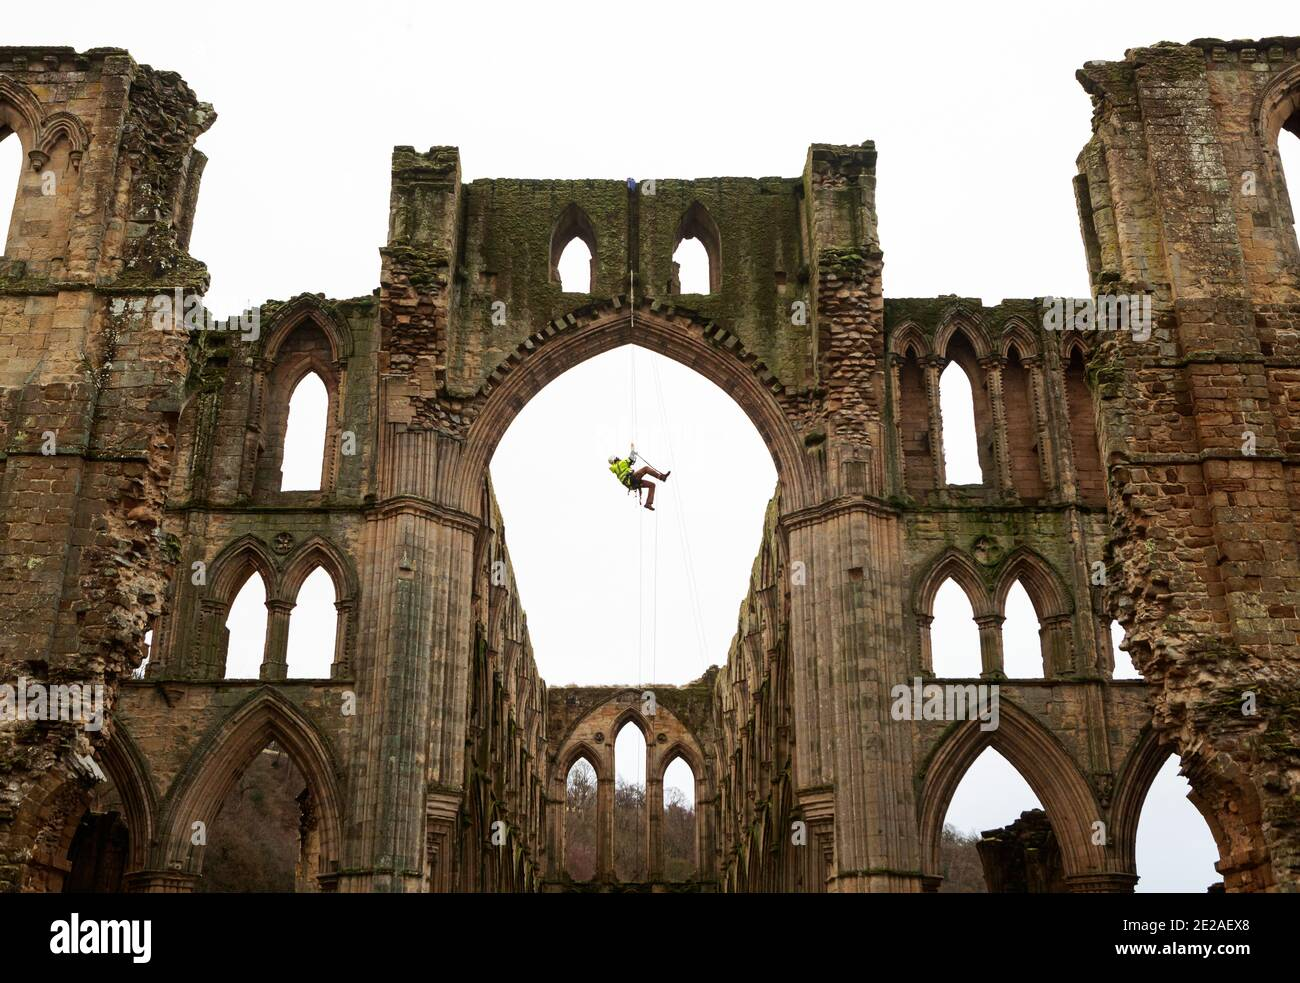 Le stonemason James Preston de SSH conservation, est originaire de l'abbaye de Rievaulx dans le North Yorkshire, tandis que le patrimoine anglais se prépare à effectuer des travaux de conservation essentiels. English Heritage commande une enquête à l'abbaye de Rievaulx sur un cycle de cinq ans pour évaluer l'état de l'abbaye du niveau du sol jusqu'au sommet de la structure. Banque D'Images